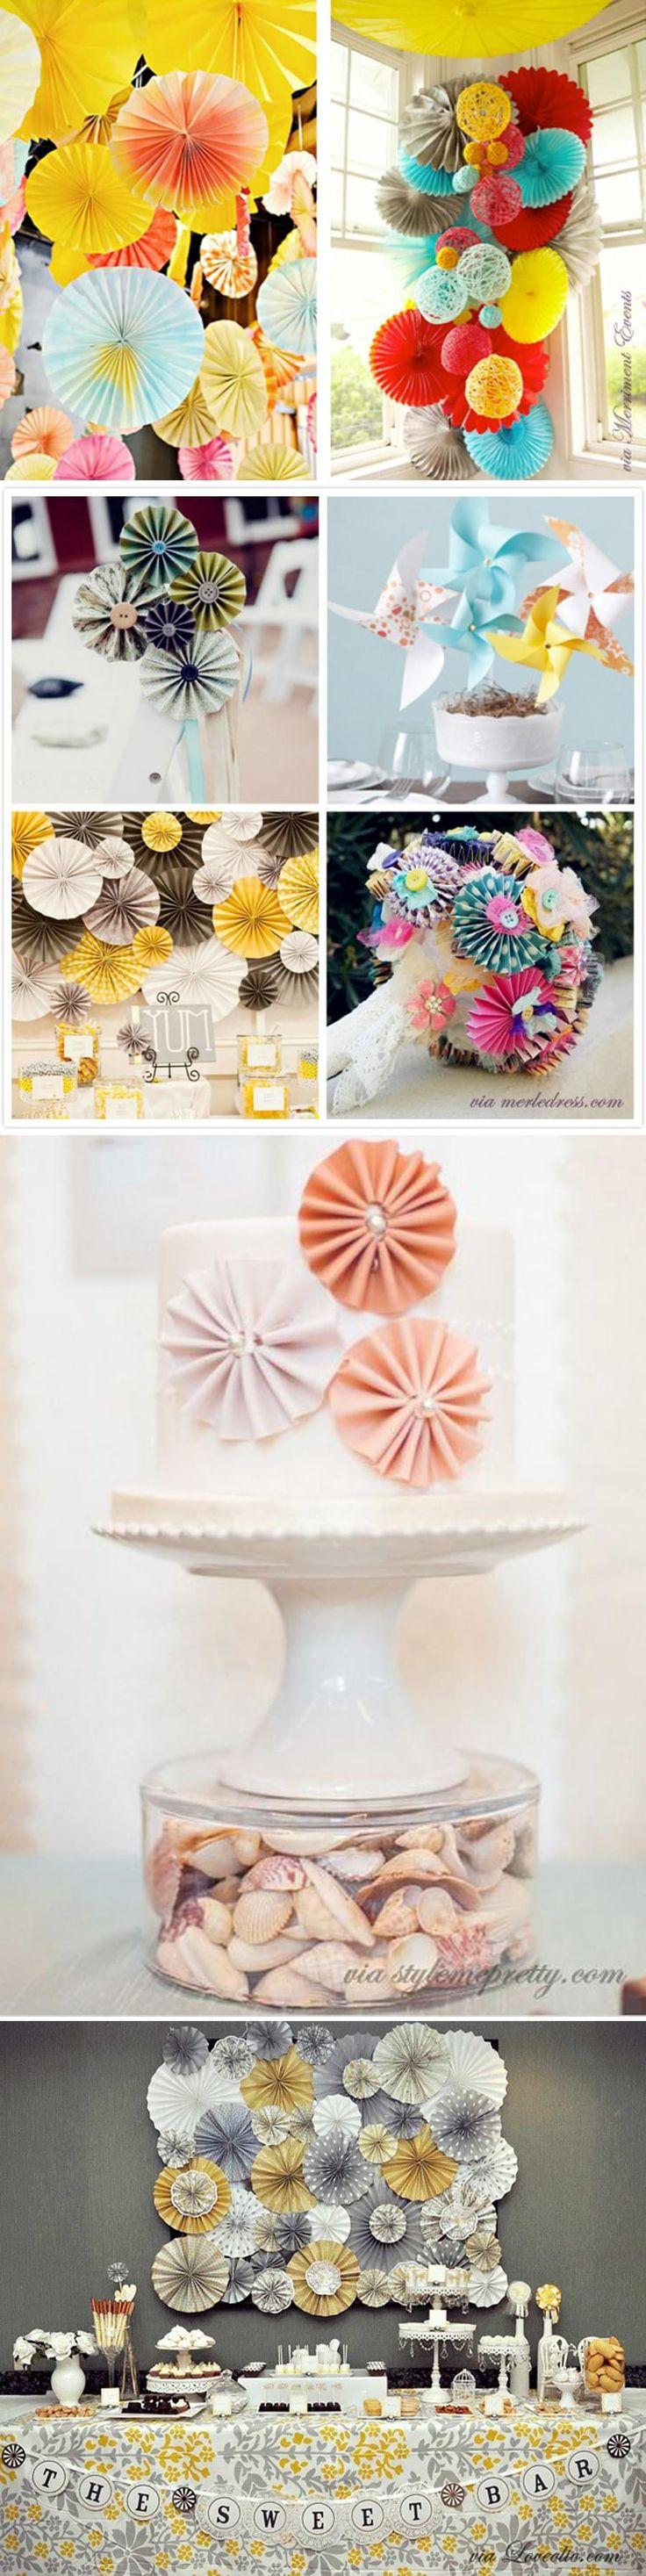 papierowe ozdoby rozety ślub wesele dekoracje sali dekoracje proste zrób to sam